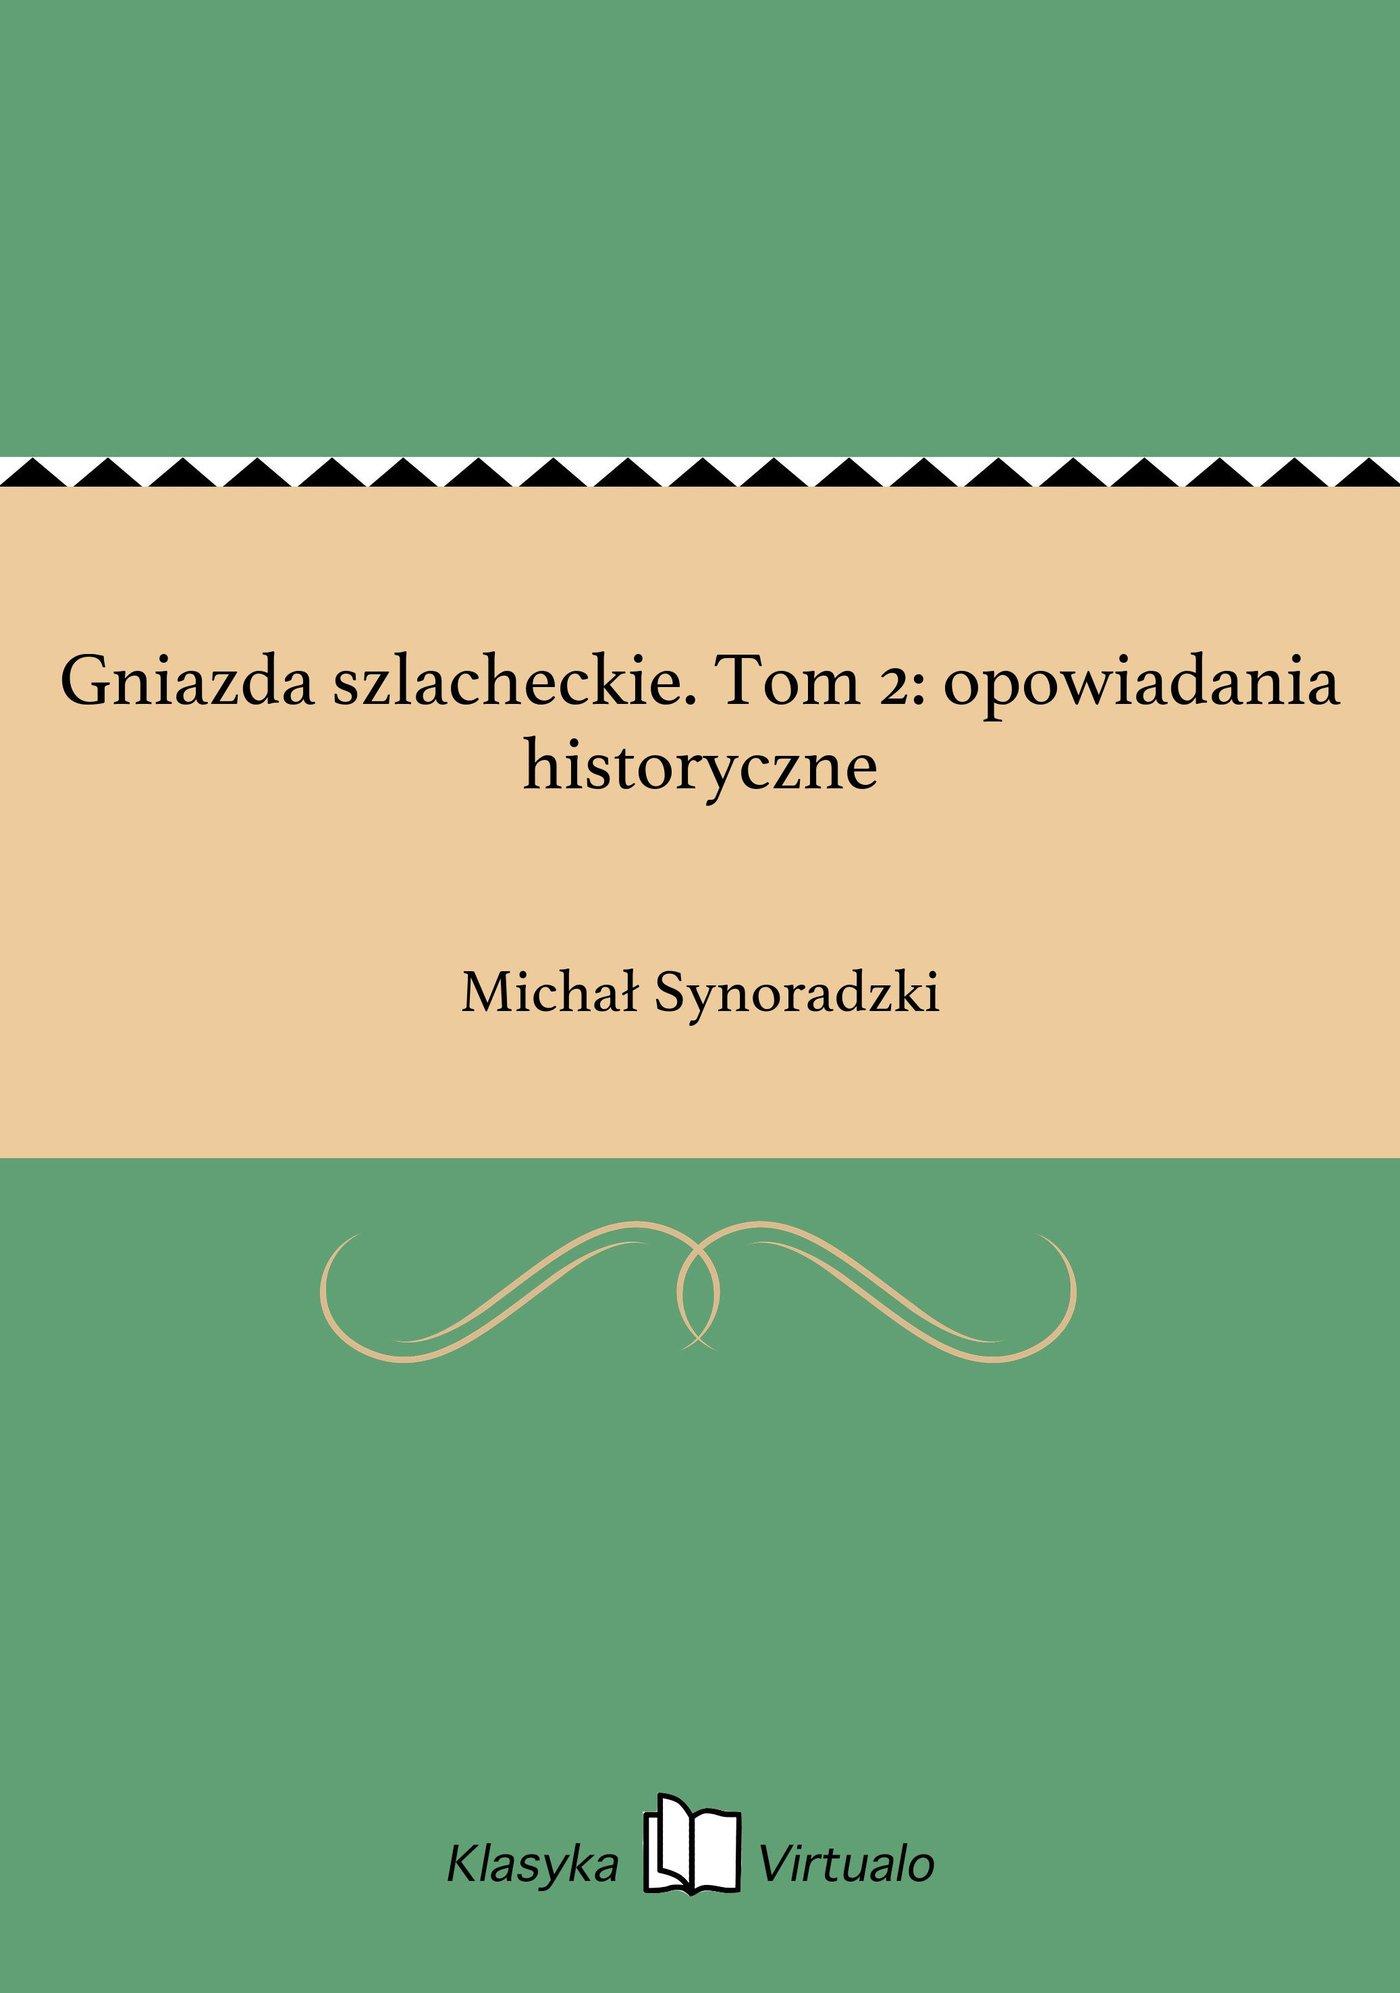 Gniazda szlacheckie. Tom 2: opowiadania historyczne - Ebook (Książka na Kindle) do pobrania w formacie MOBI